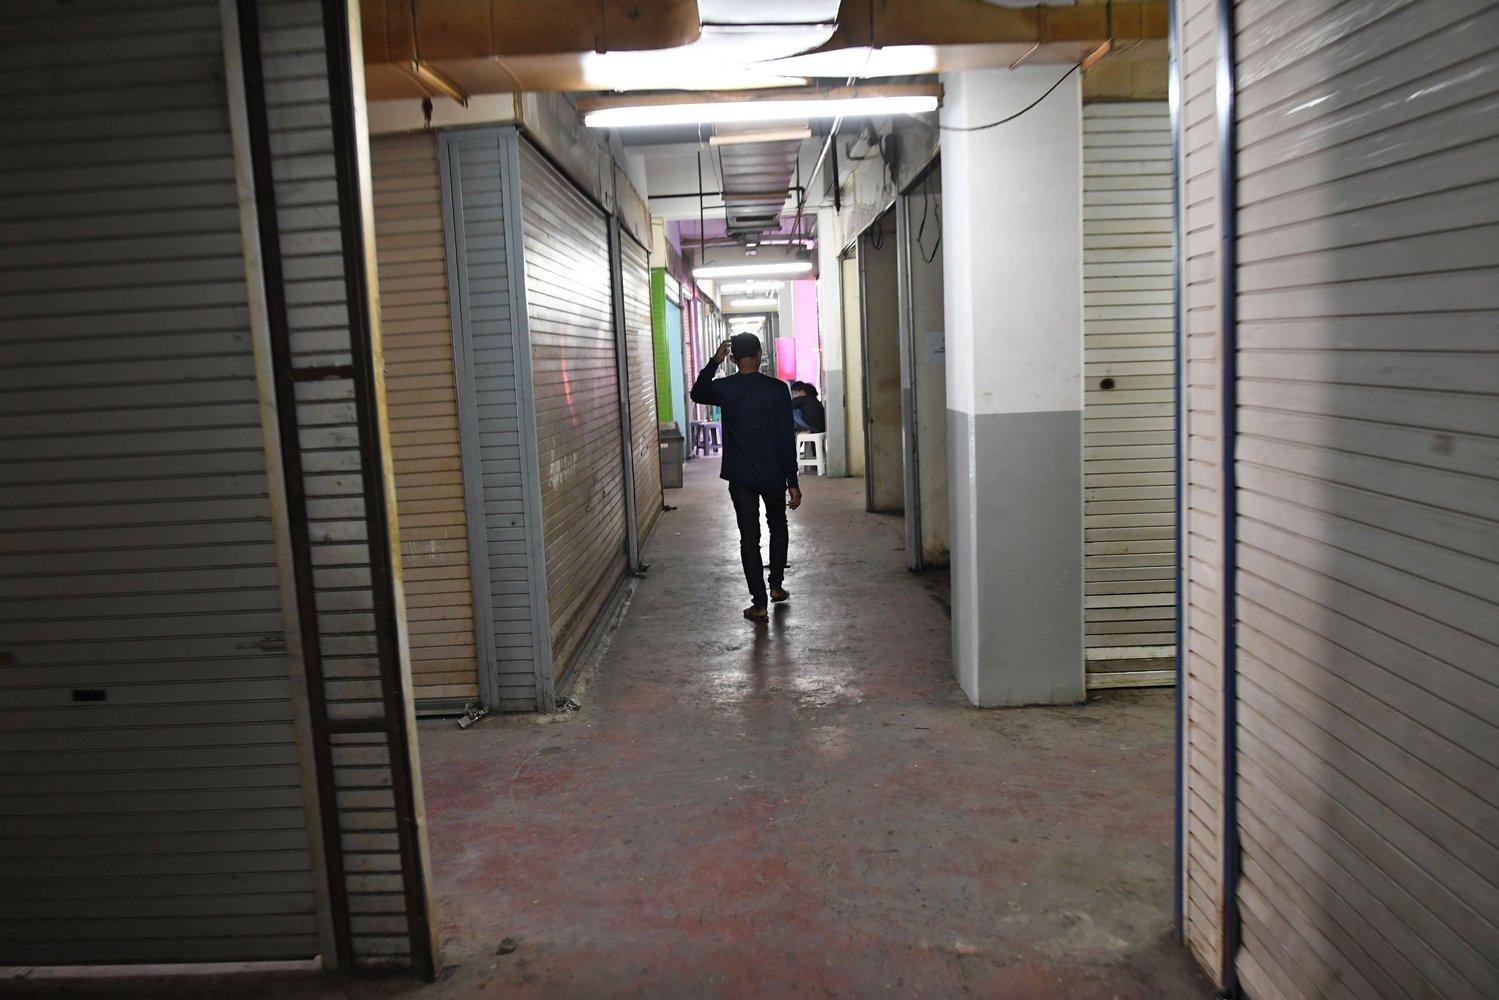 Warga melintasi kios-kios kosong yang disiapkan sebagai lokasi relokasi pedagang kaki lima (PKL) pakaian bekas Pasar Senen di lantai dua Pasar Kenari, Jakarta, Senin (2/12/2019). Para pedagang pakaian bekas Pasar Senen menolak dipindah ke Pasar Kenari karena khawatir sepi pembeli di lokasi yang baru. \r\n